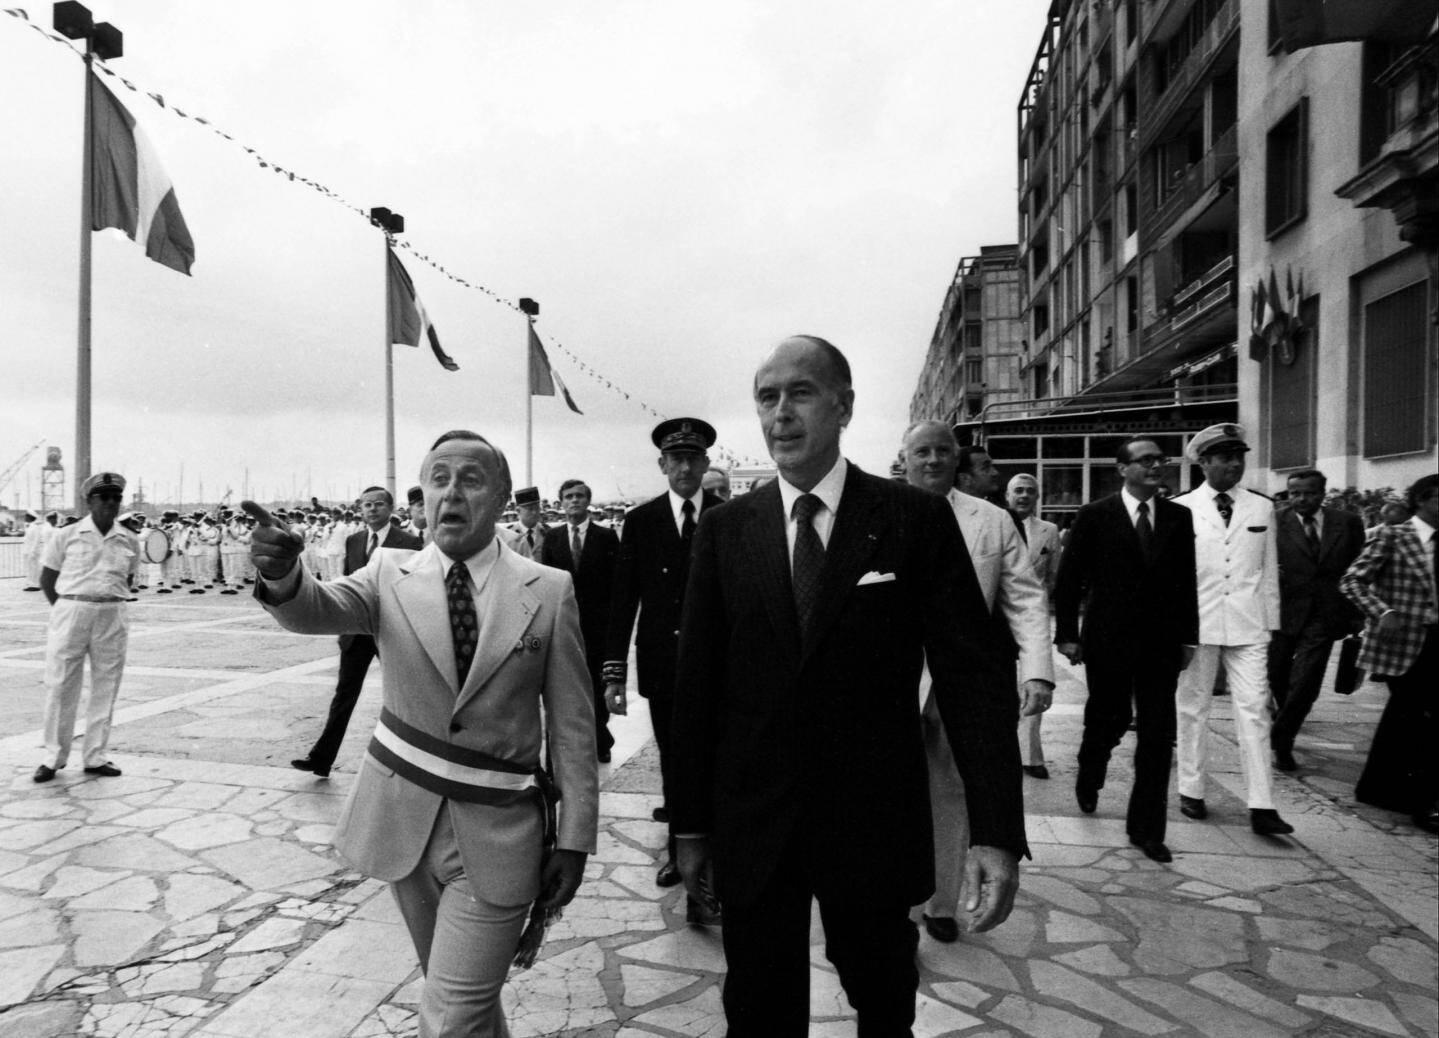 Juillet 1976. Valéry Giscard d'Estaing, sur le port de Toulon en compagnie du maire d'alors, Maurice Arreckx.